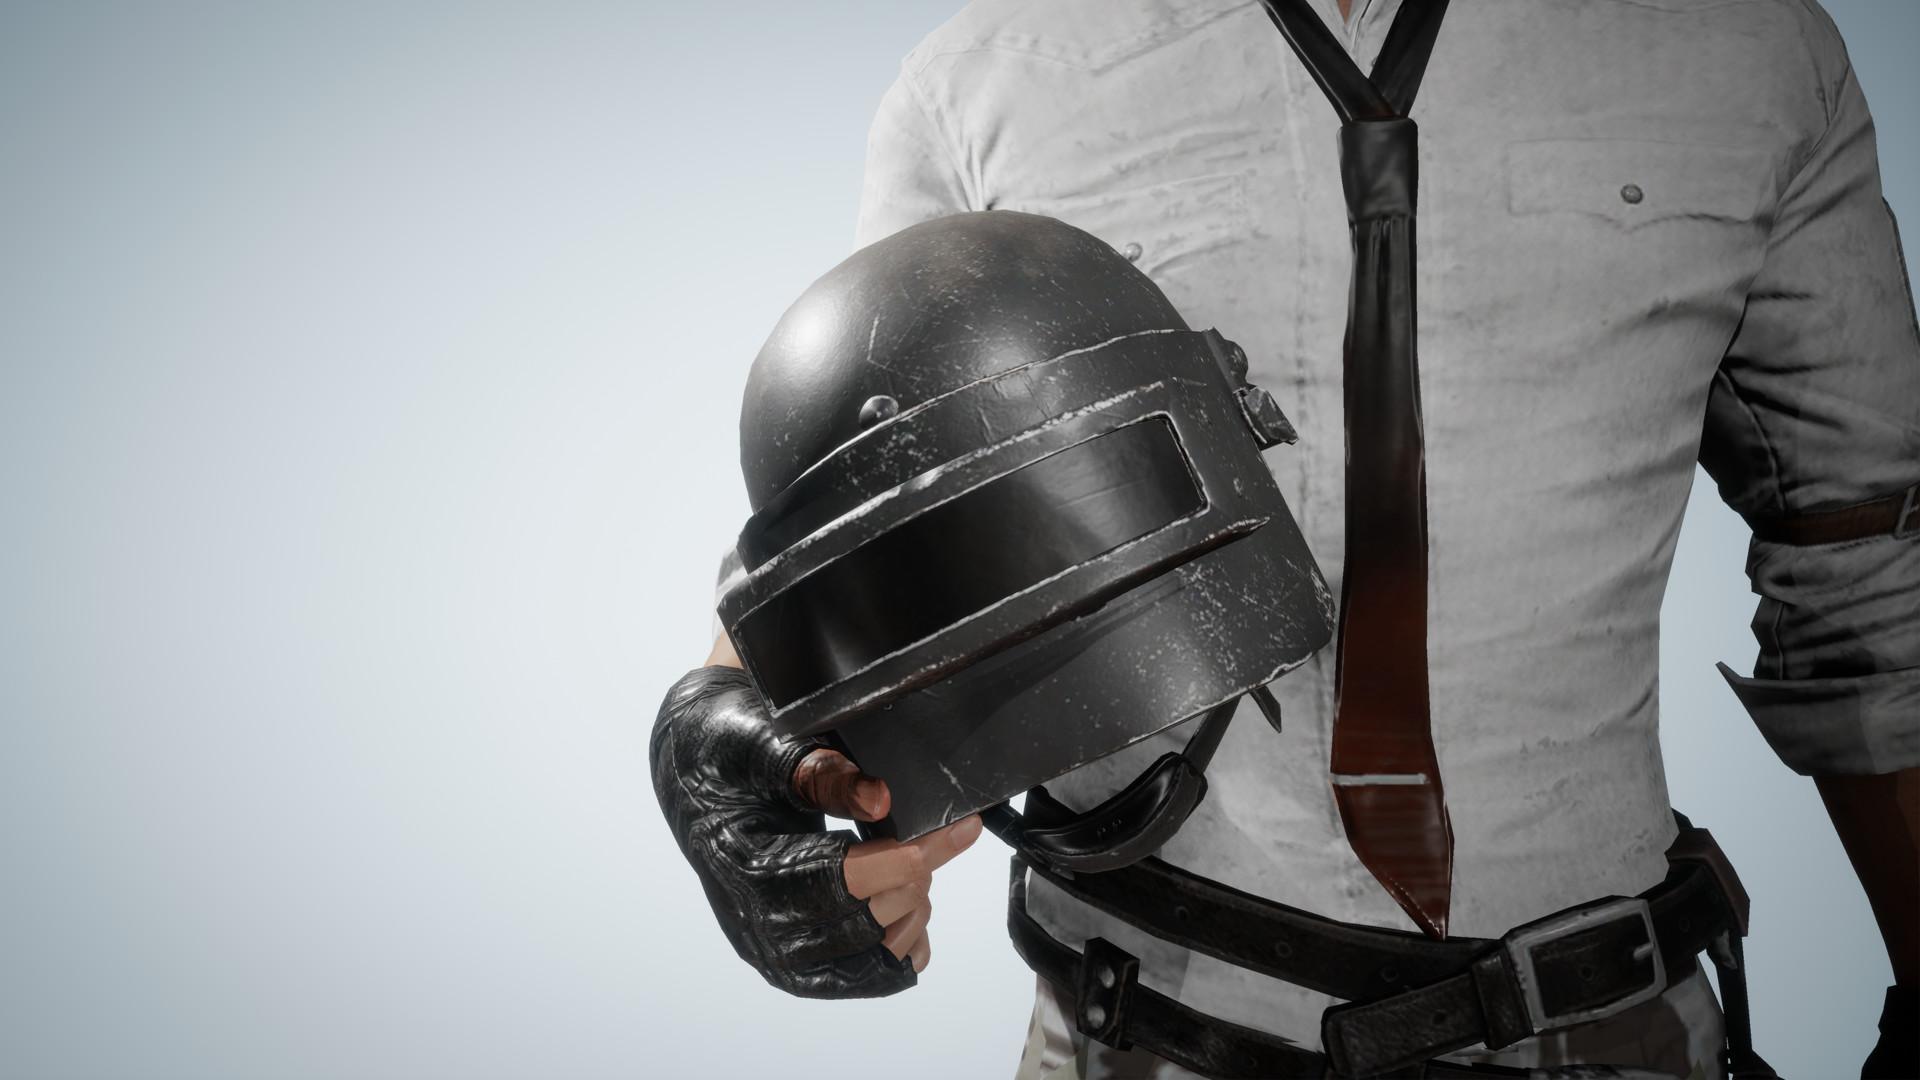 Pubg Helmet Guy Without Helmet Hd Games 4k Wallpapers: Wallpaper Pubg Equipman